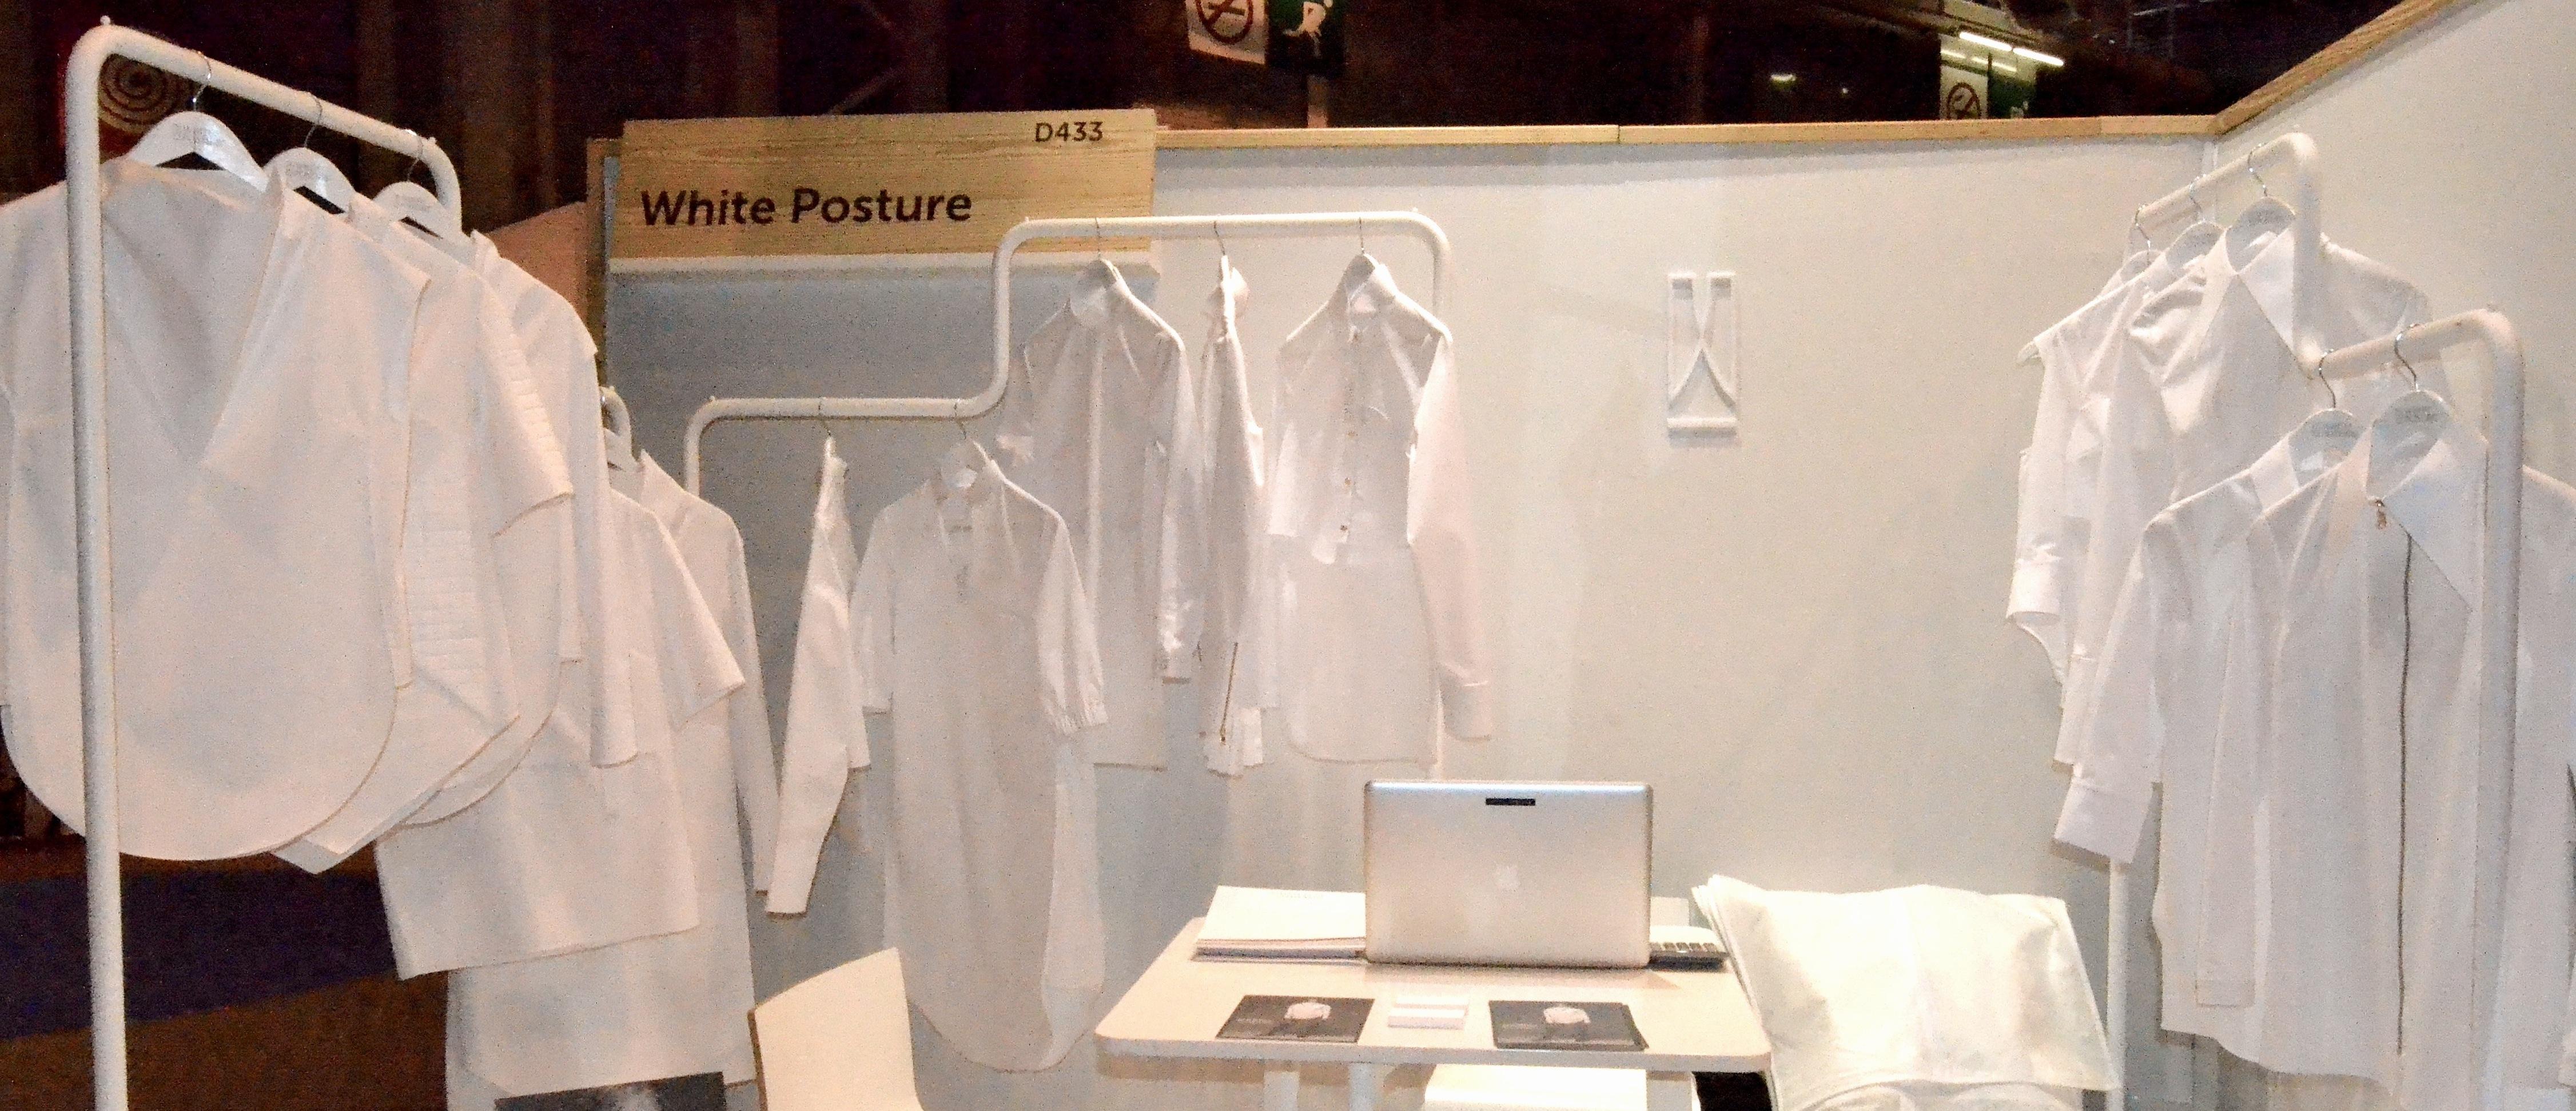 white posture 1